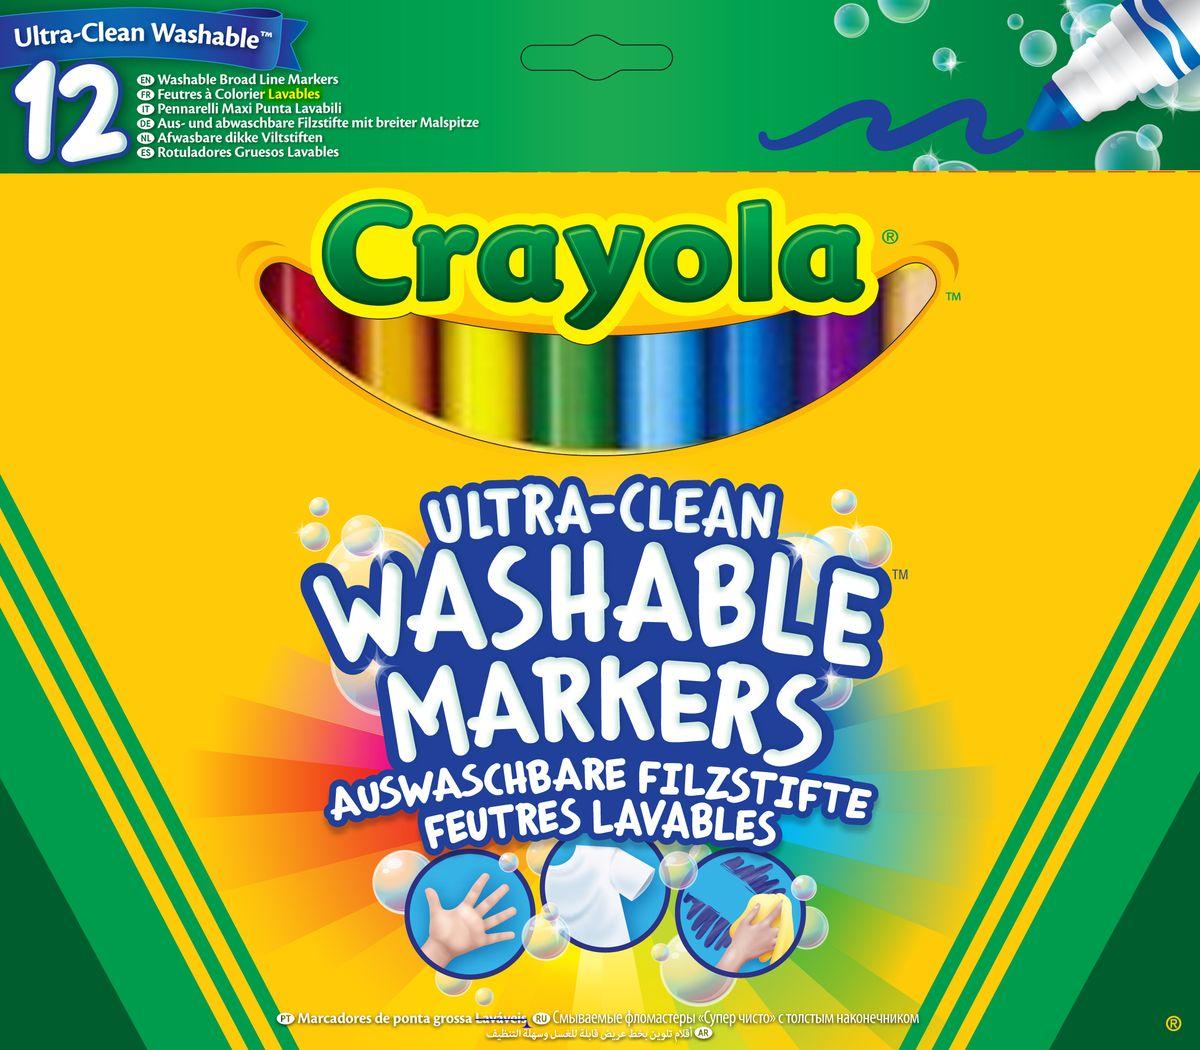 Crayola Набор фломастеров Супер чисто 12 шт58-8329Дети так любят рисовать! Поэтому набор фломастеров Crayola Супер чисто обязательно понравится юным художникам. 12 цветов позволят широко развернуться в творческом полете, ведь чем больше ярких красок, тем красивее будет готовая картинка!Это необыкновенные фломастеры. Их главное достоинство и особенность в том, что они легко смываются с «холста» с помощью воды. Поэтому если вдруг ребенок захочет разукрасить стену или обои, не ругайтесь на маленькое дарование. Фломастеры сделаны из материалов, прошедших строгий контроль качества, поэтому они безопасны для будущего Пикассо. Насыщенные, роскошные цвета восхитят малыша, а мягкая линия нанесения позволит рисовать без проблем.Создавая живописные шедевры, малыш будет и наслаждаться своим хобби, и развиваться. Ведь рисование тренирует мелкую моторику, воображение, фантазию, а также творческие навыки. Crayola созданы для настоящих творцов! Рекомендуемый возраст: от 3 лет.